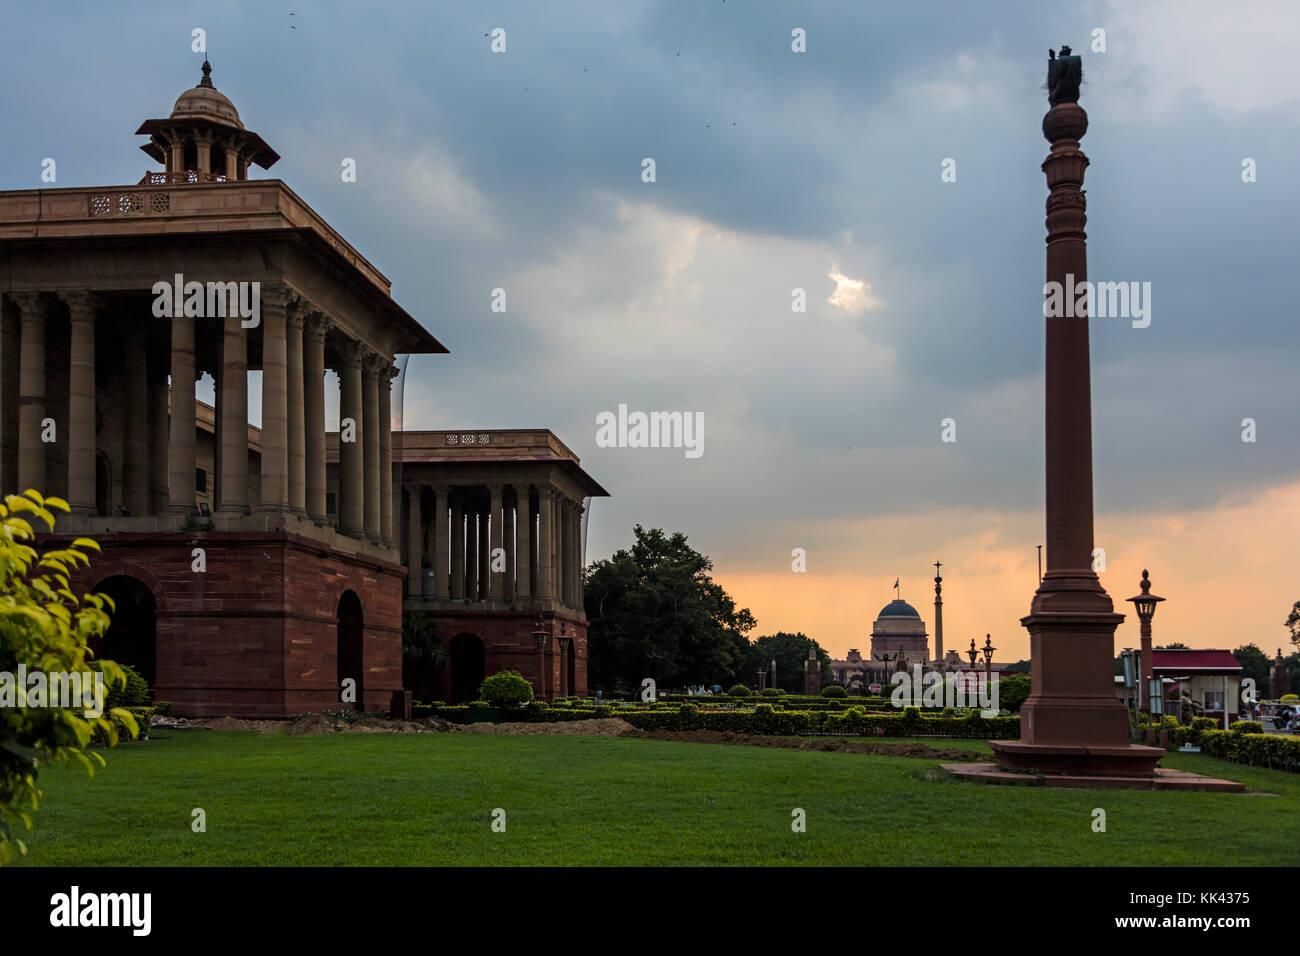 The CABINET SECRETARIAT of INDIA - NEW DELHI, INDIA - Stock Image